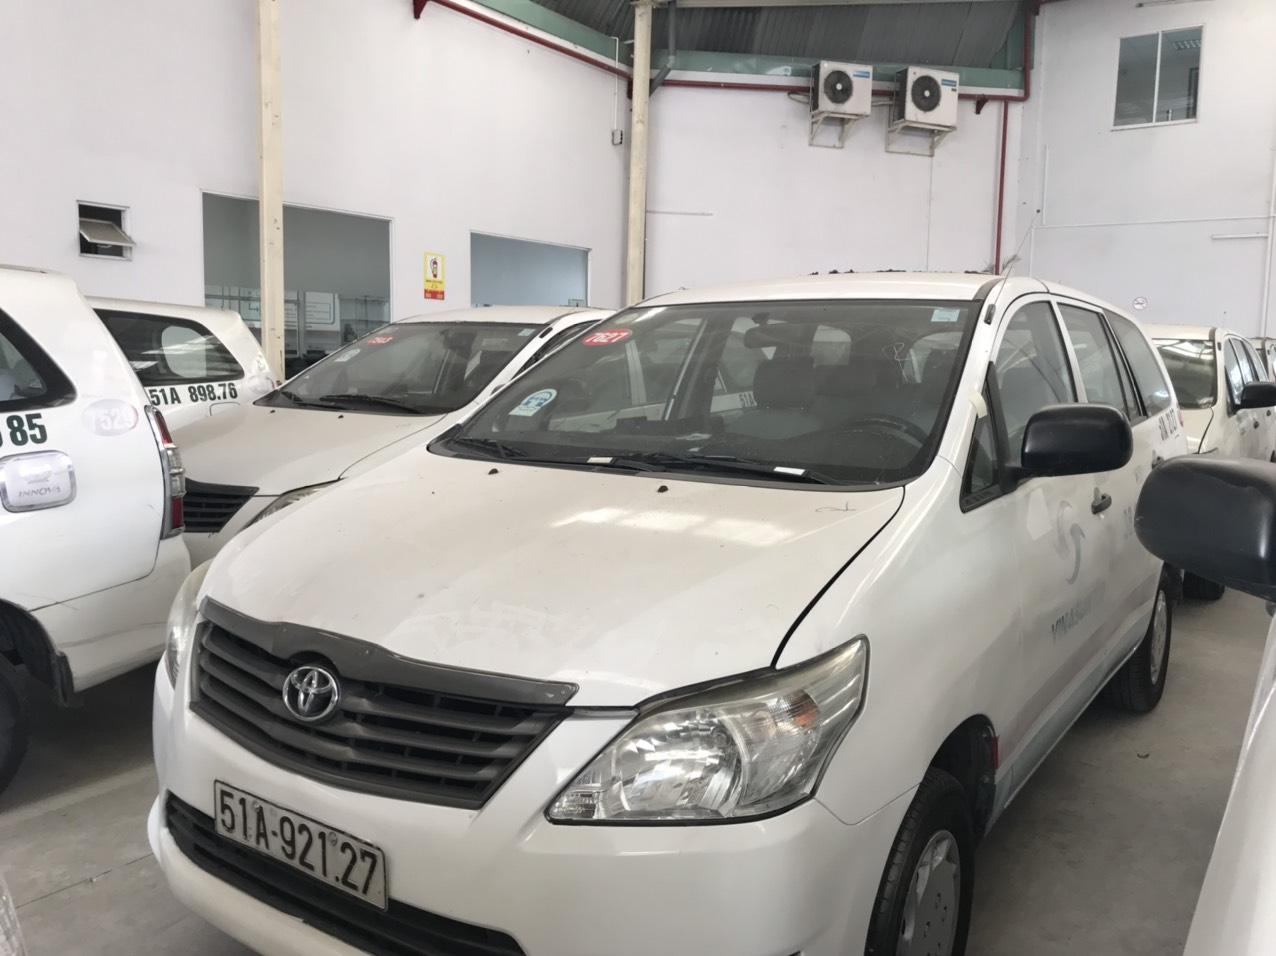 Bán lô xe Innova J taxi sx 2014, 2 dàn lạnh, 2 túi khí+ ABS và kính chỉnh điện